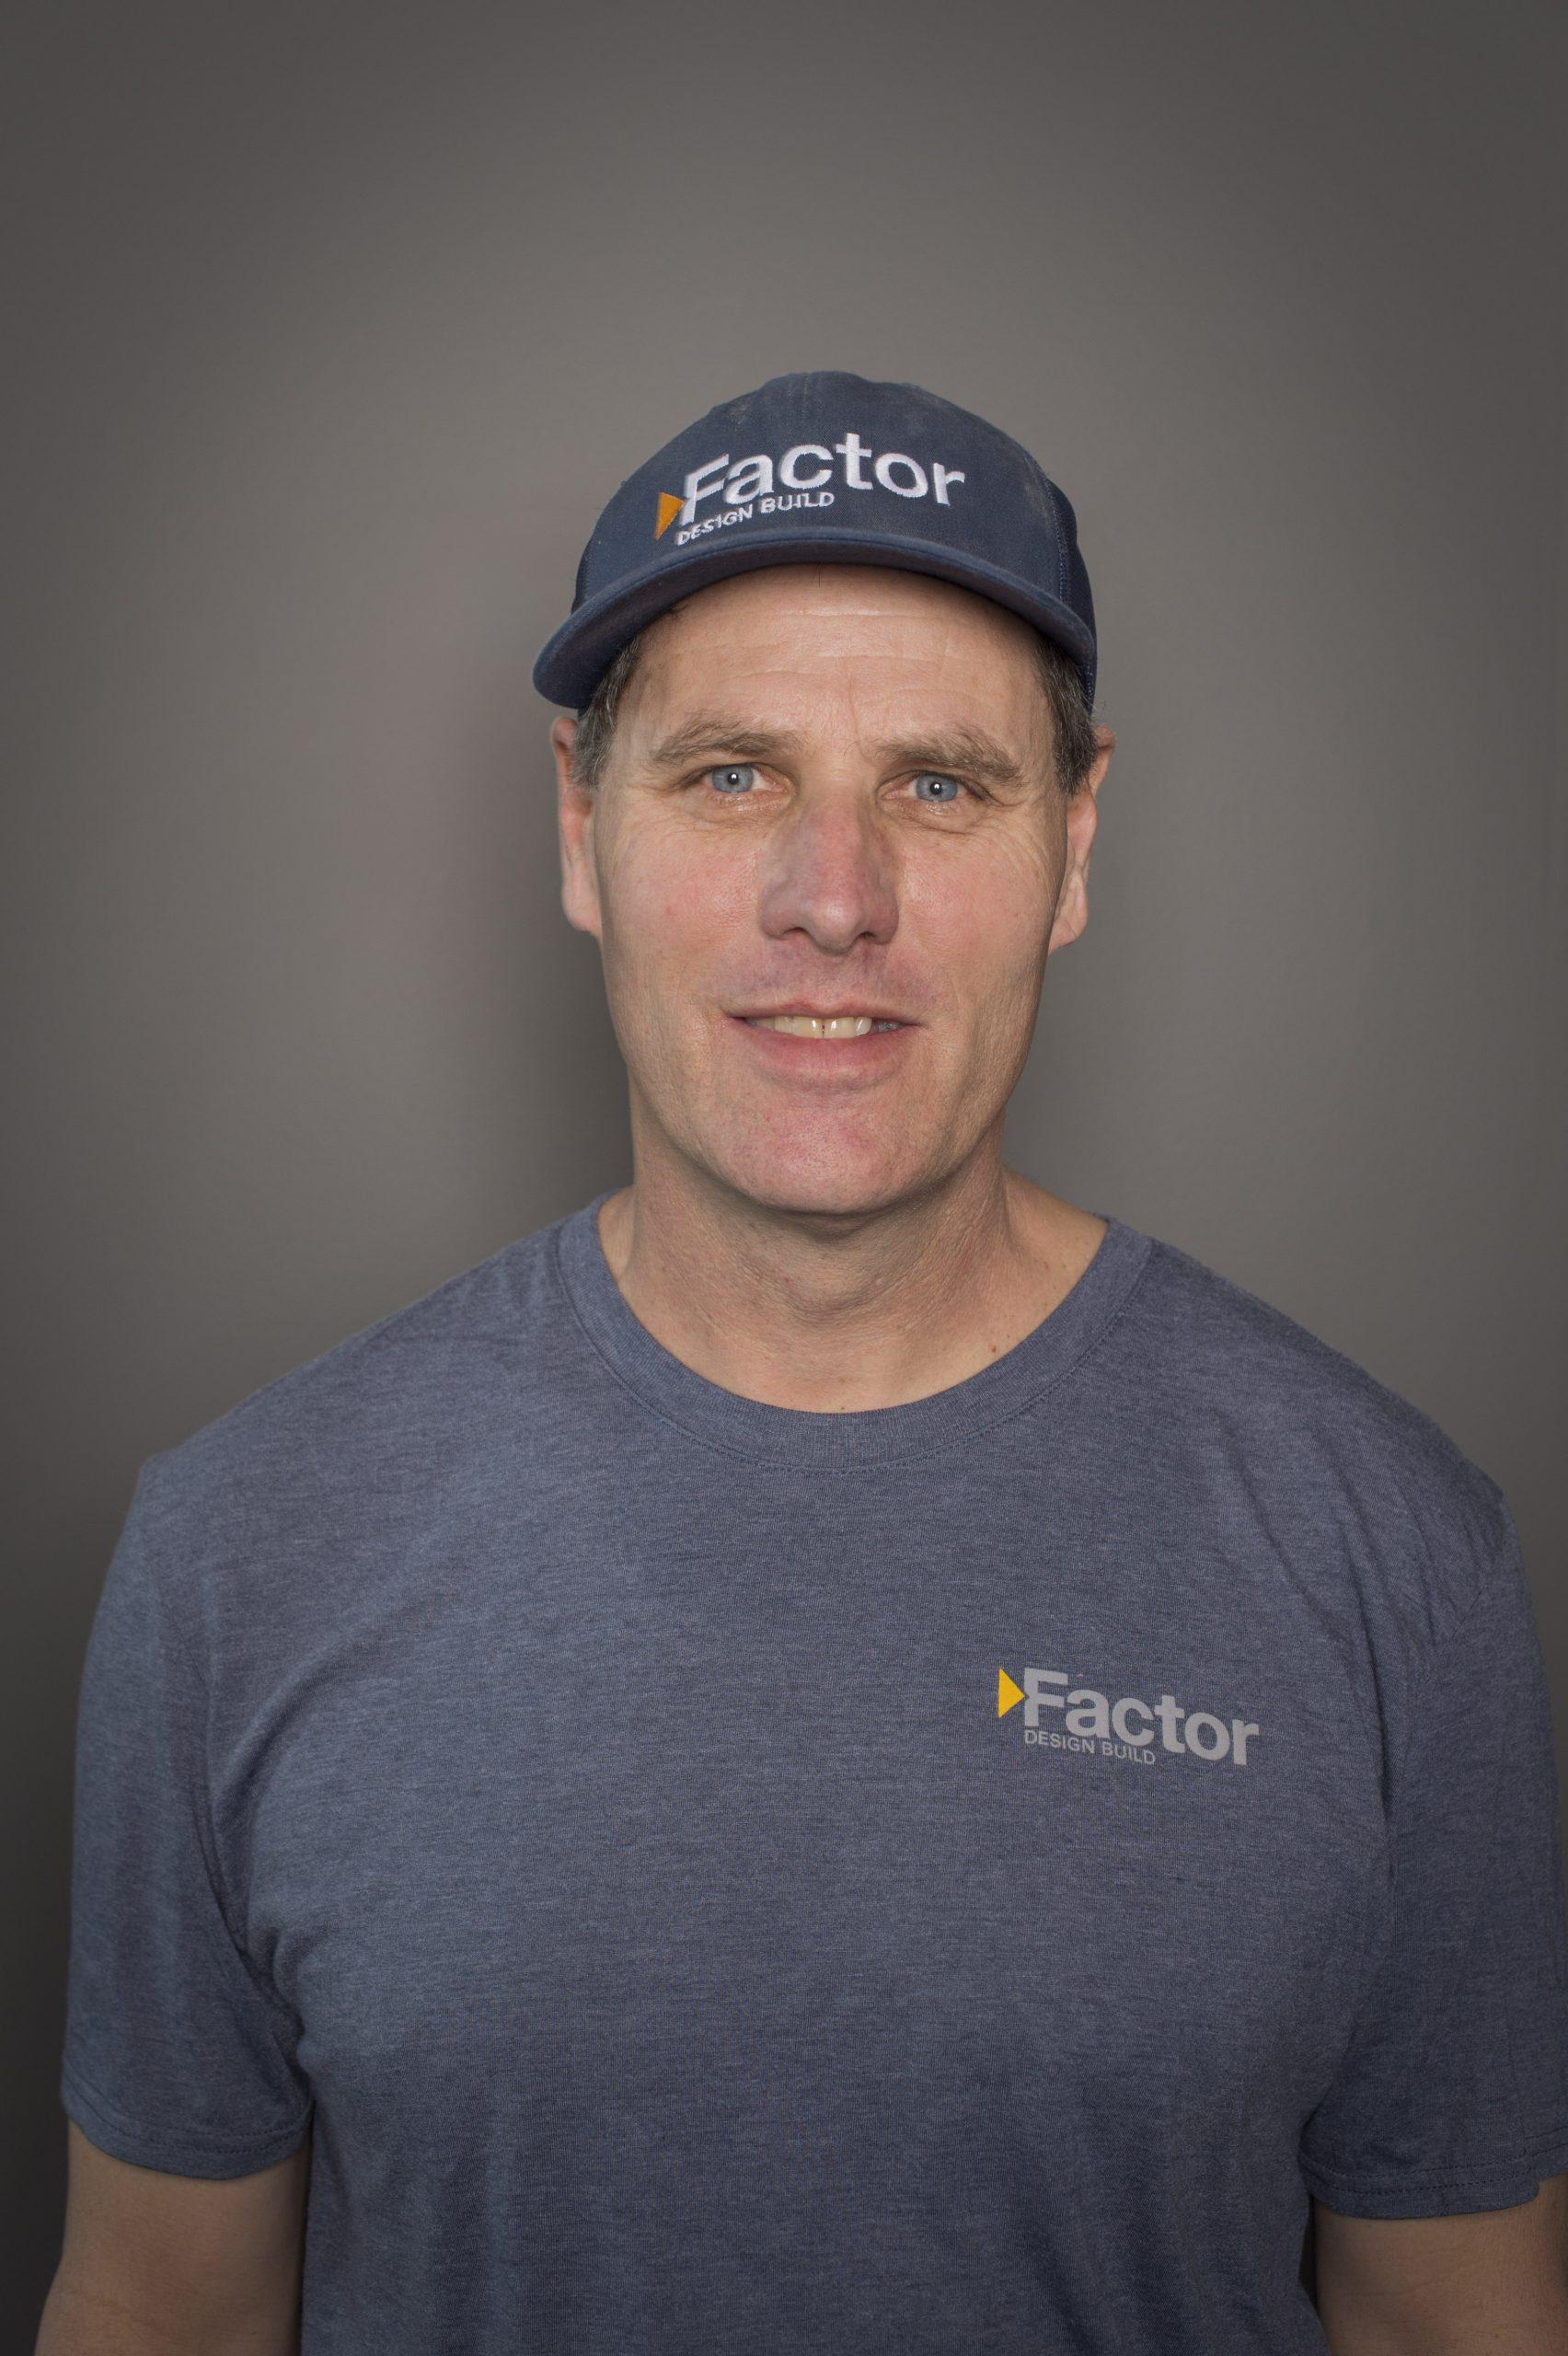 Craig Seevers